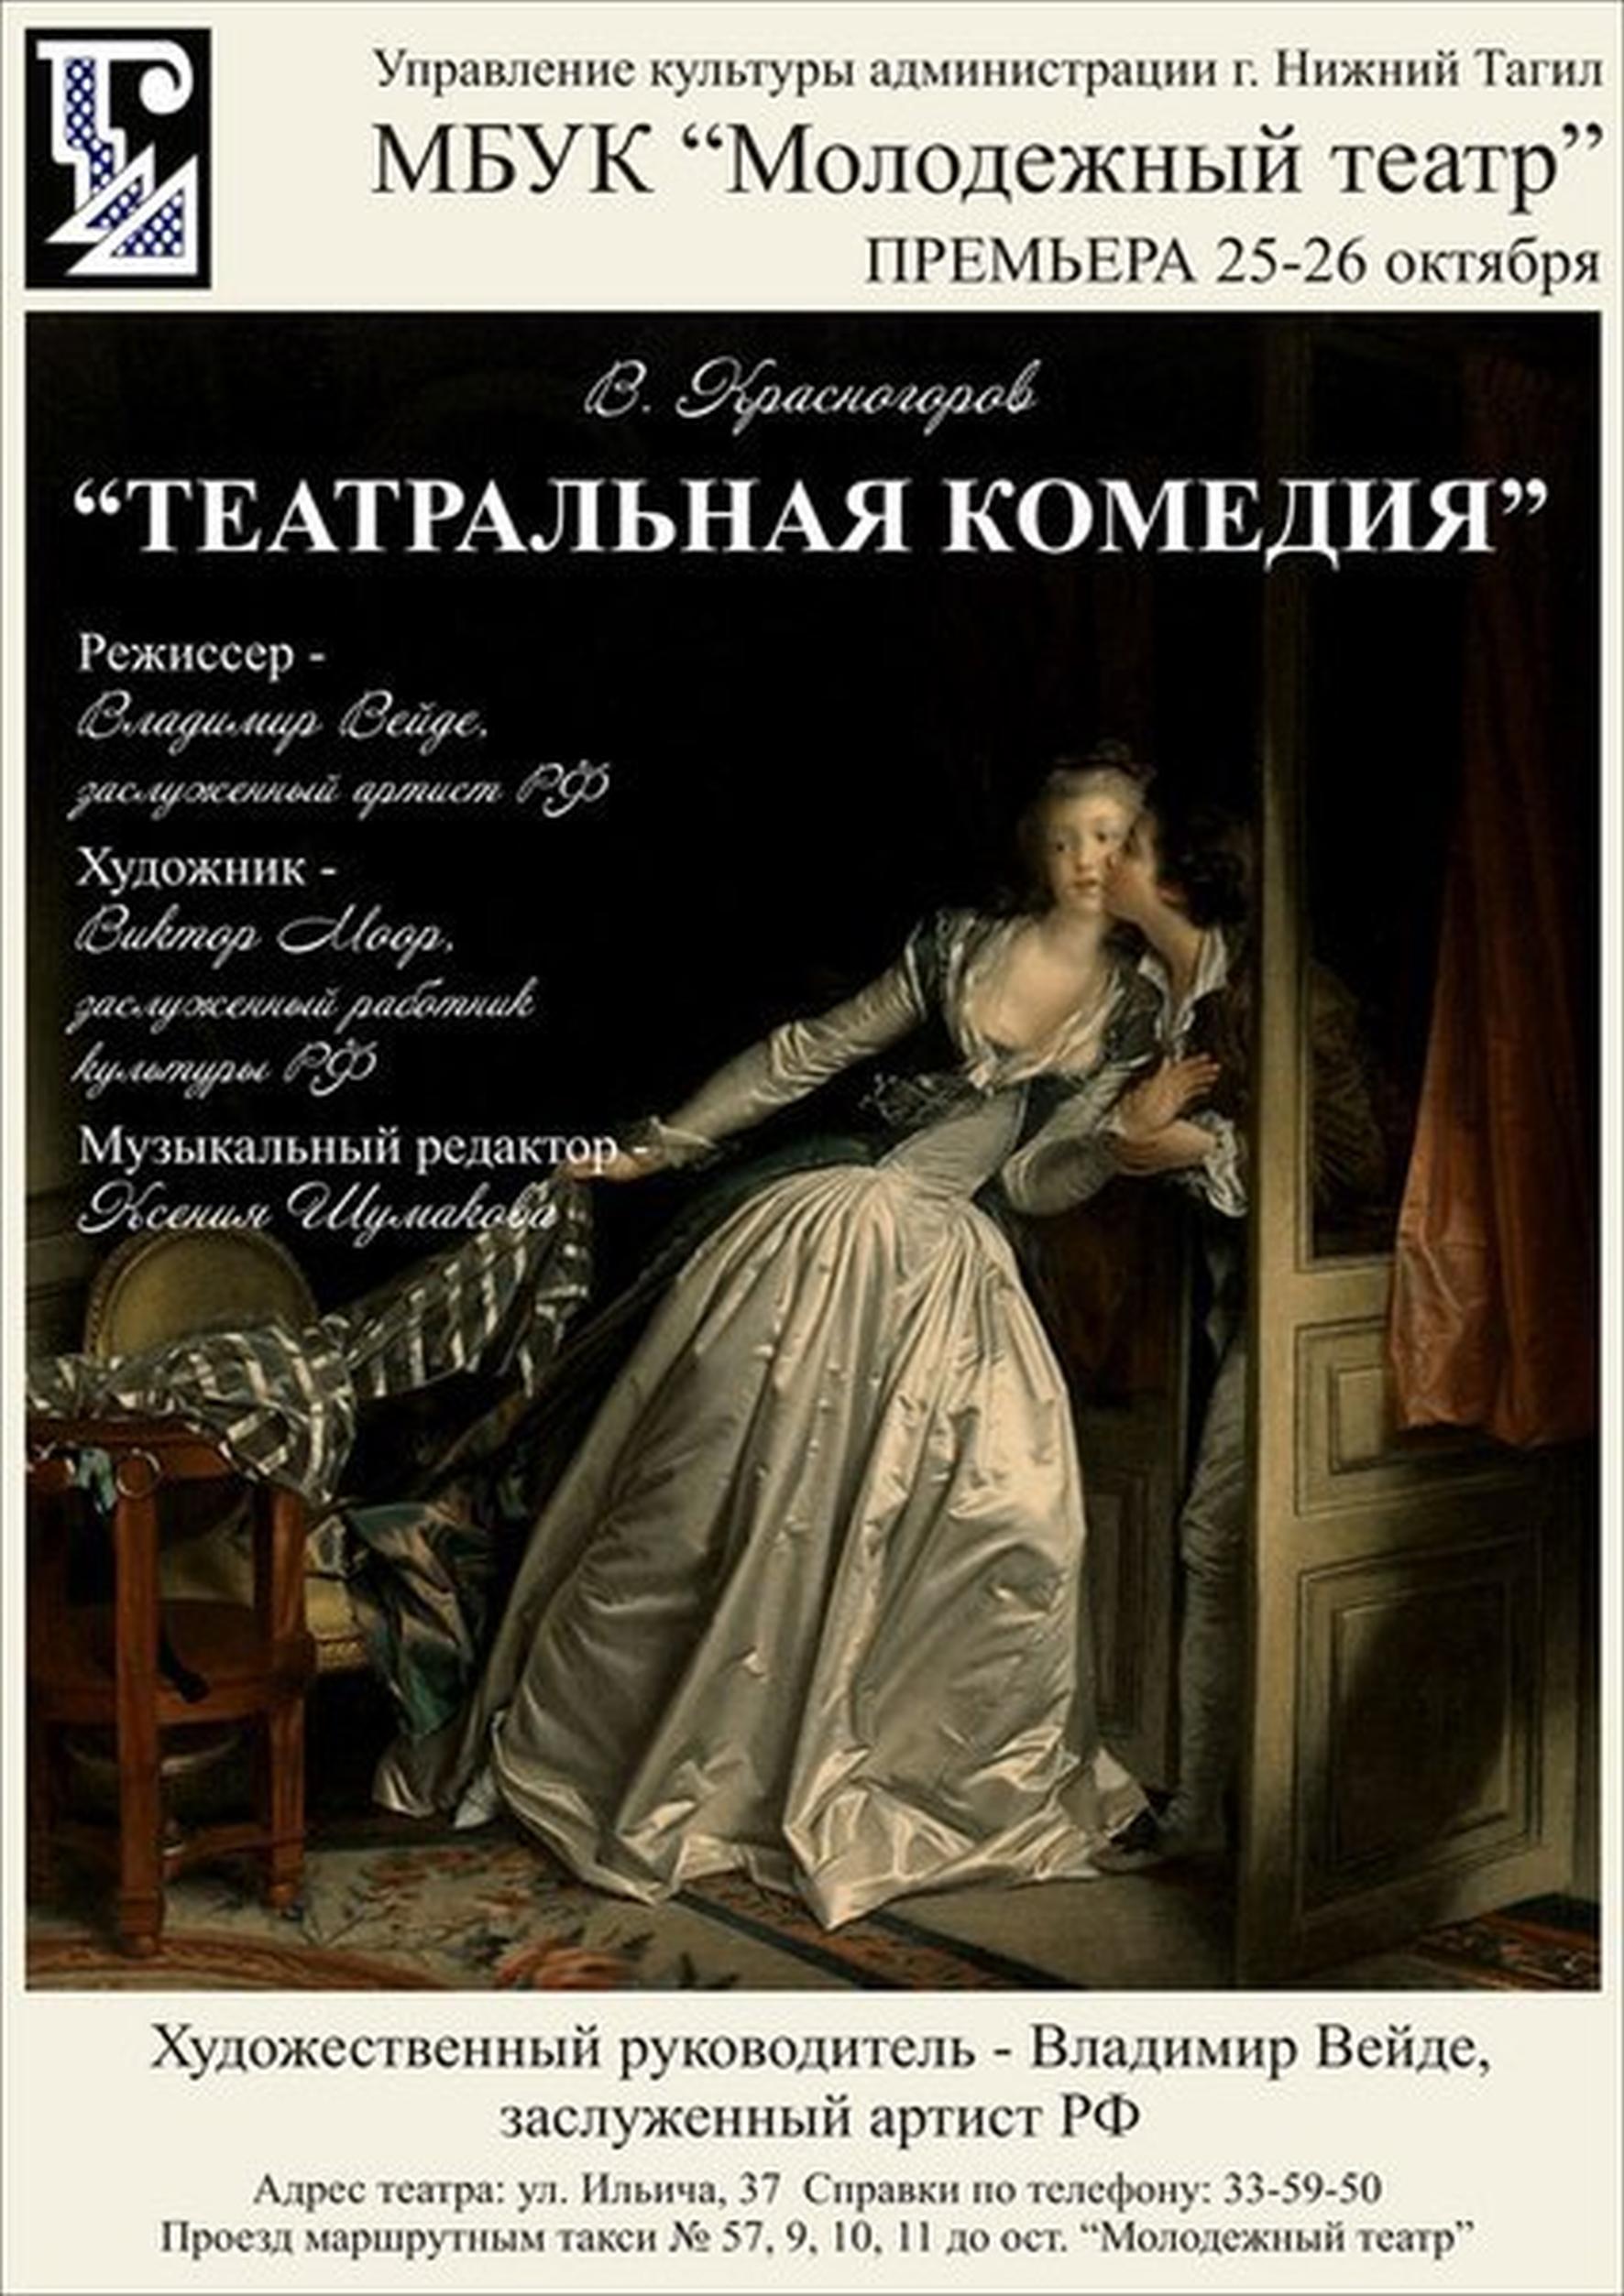 Нижний Тагил-Театральная комедия